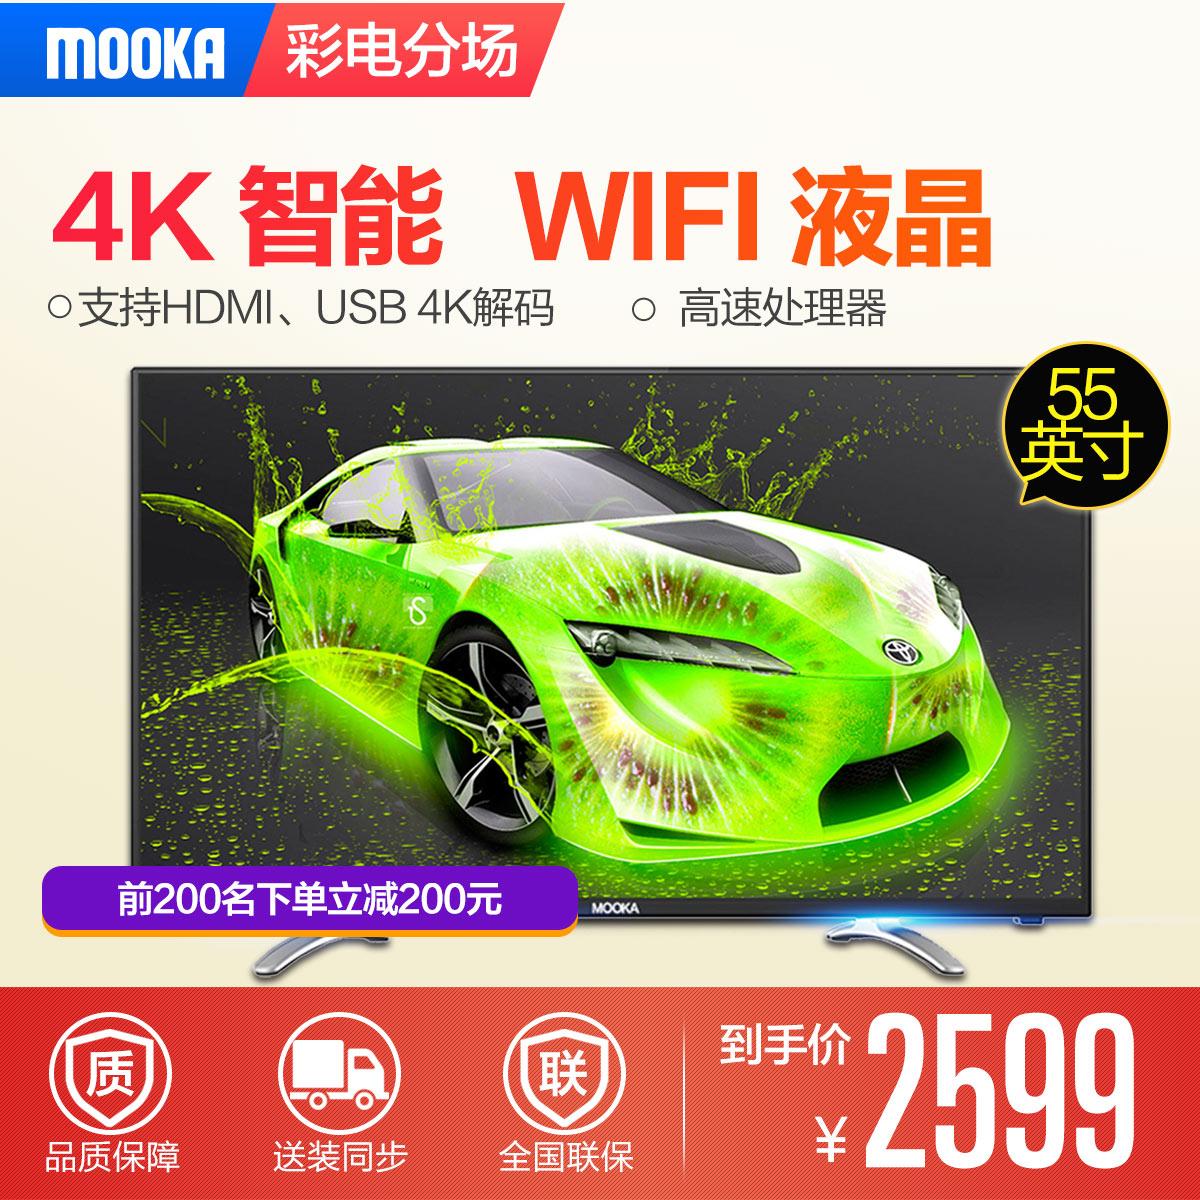 55英寸4K智能WIFI液晶电视,4K真高清,支持HDMI、USB 4K解码,2K分辨率自动转4K分辨率,支持H.265解码,高速处理器,强劲动力。 U55A5